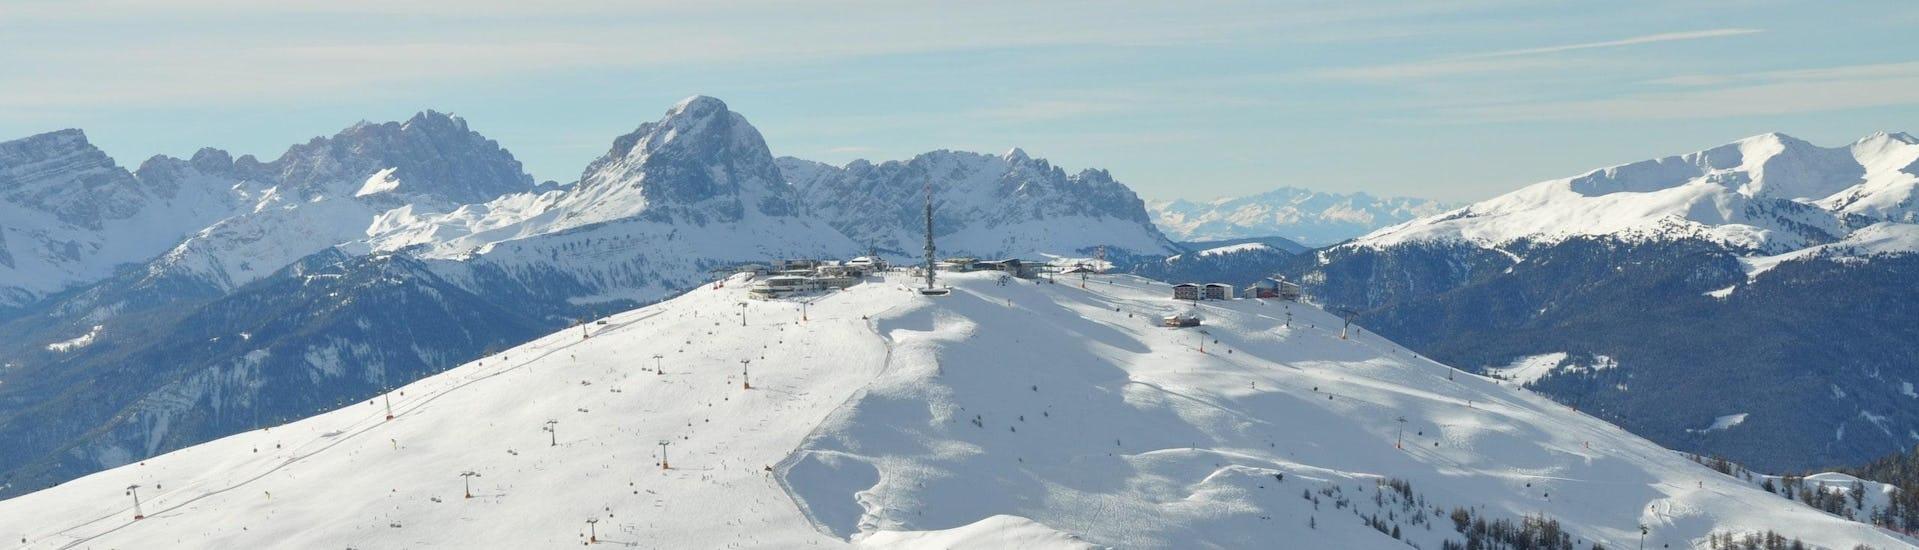 Ausblick auf die sonnige Berglandschaft beim Skifahren lernen mit den Skischulen am Kronplatz.